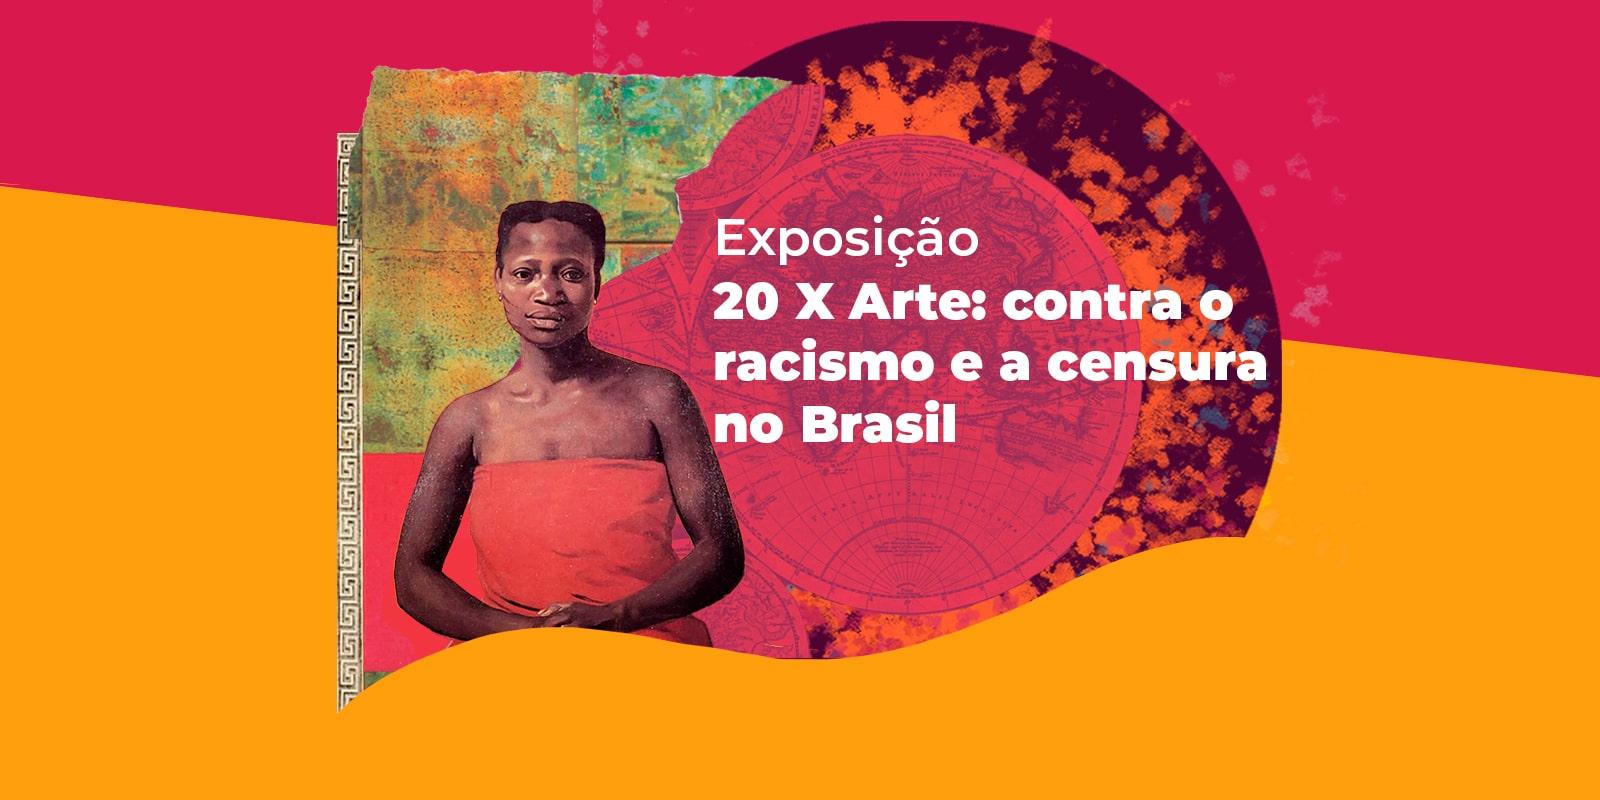 Exposição Online: 20 X Arte: Contra O Racismo E A Censura No Brasil